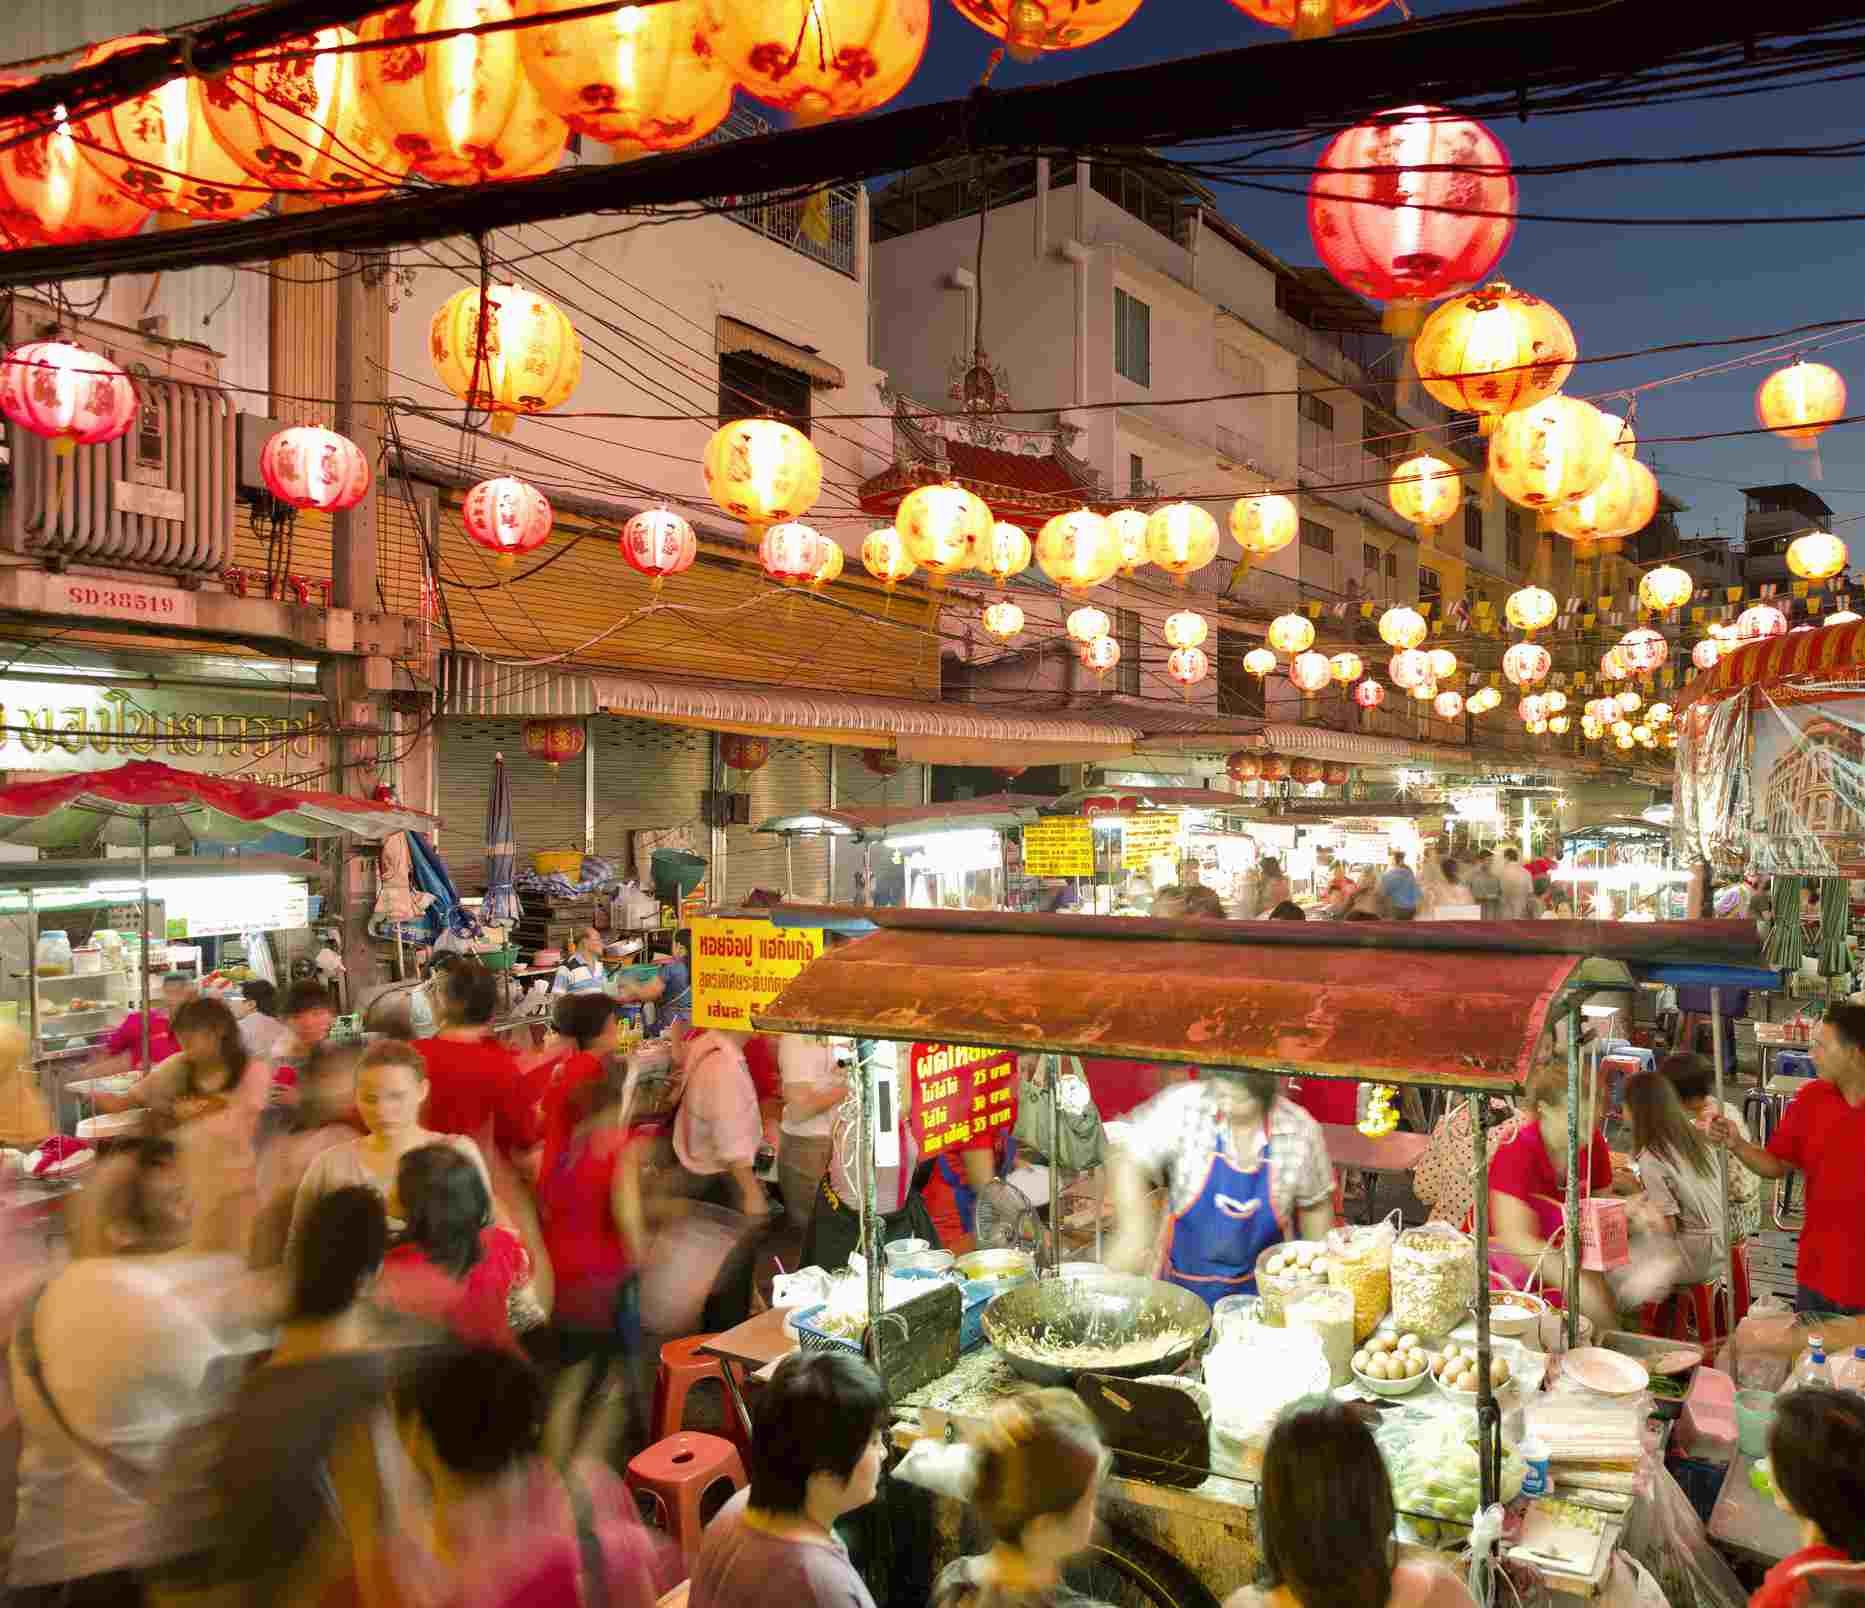 Bangkok, Chinatown during Chinese New Year